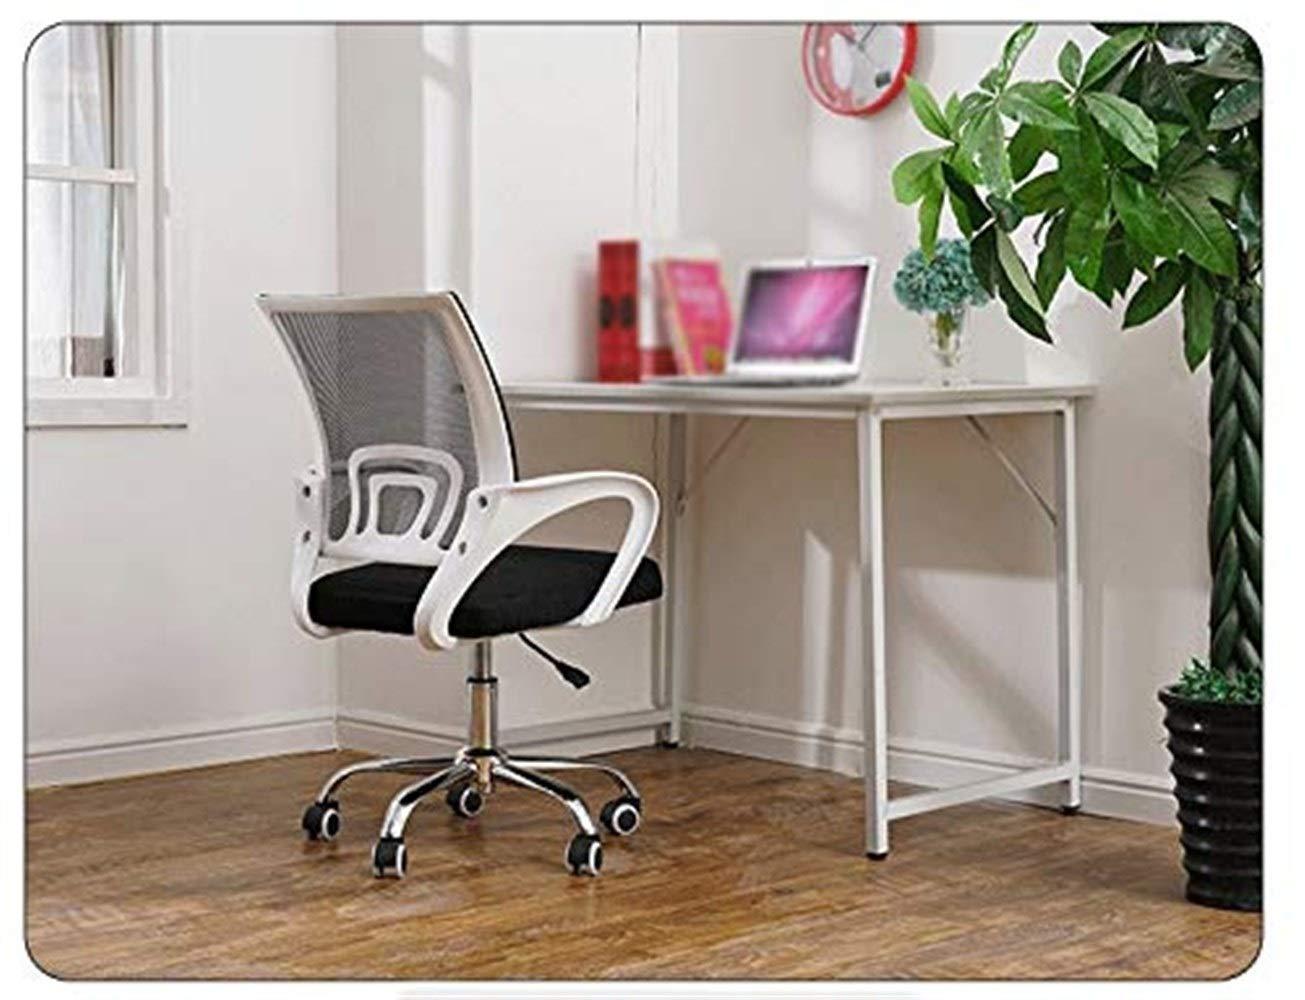 Kontorsstol personalstol mottagningsstol andningsbar hushåll sovsal rum studierum stol lärande stol GMING (färg: Röd) Röd